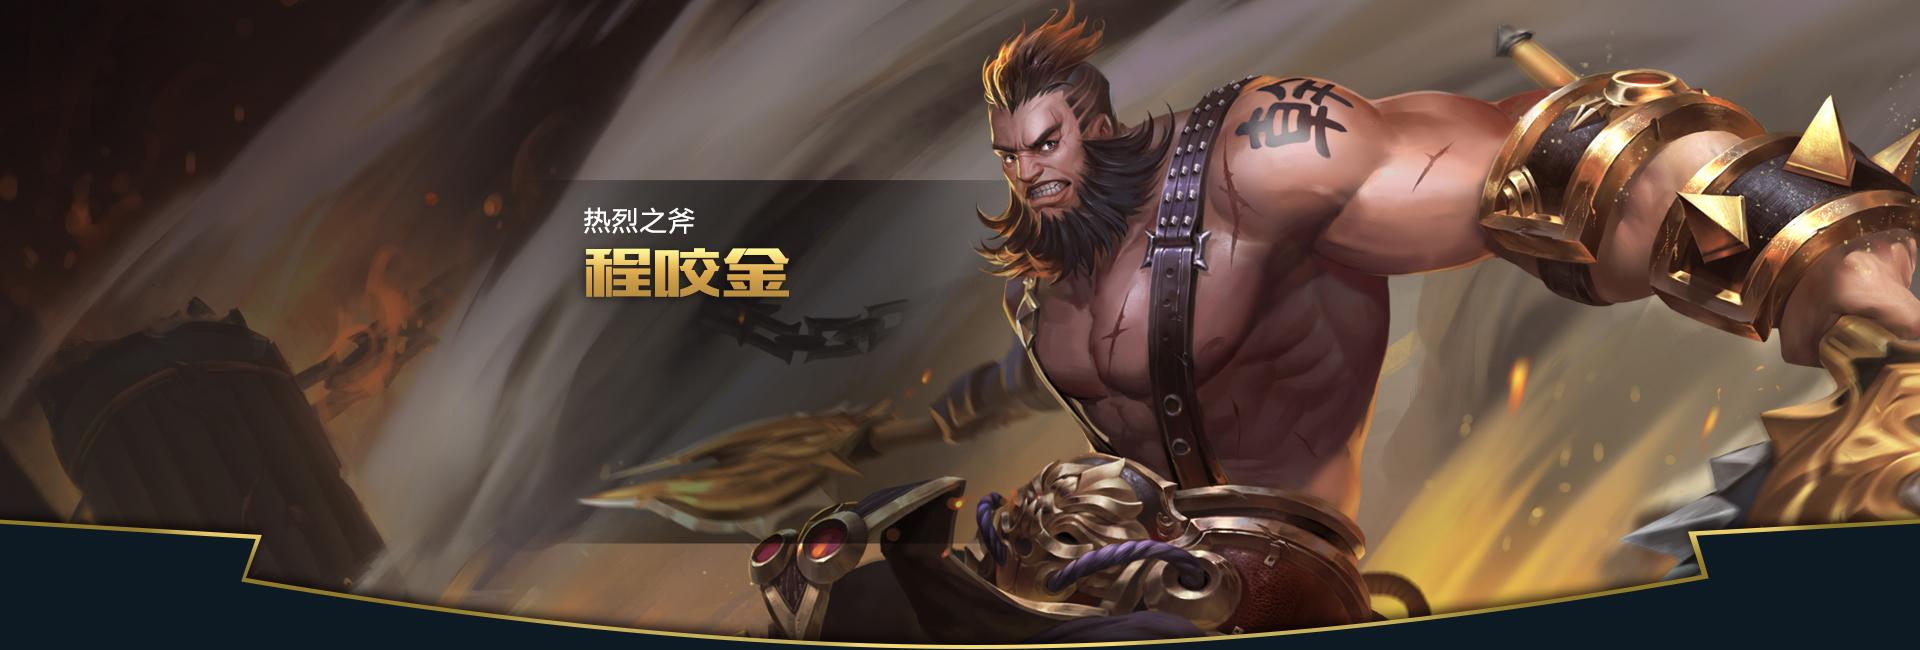 第2弹《王者荣耀英雄皮肤CG》竞技游戏135